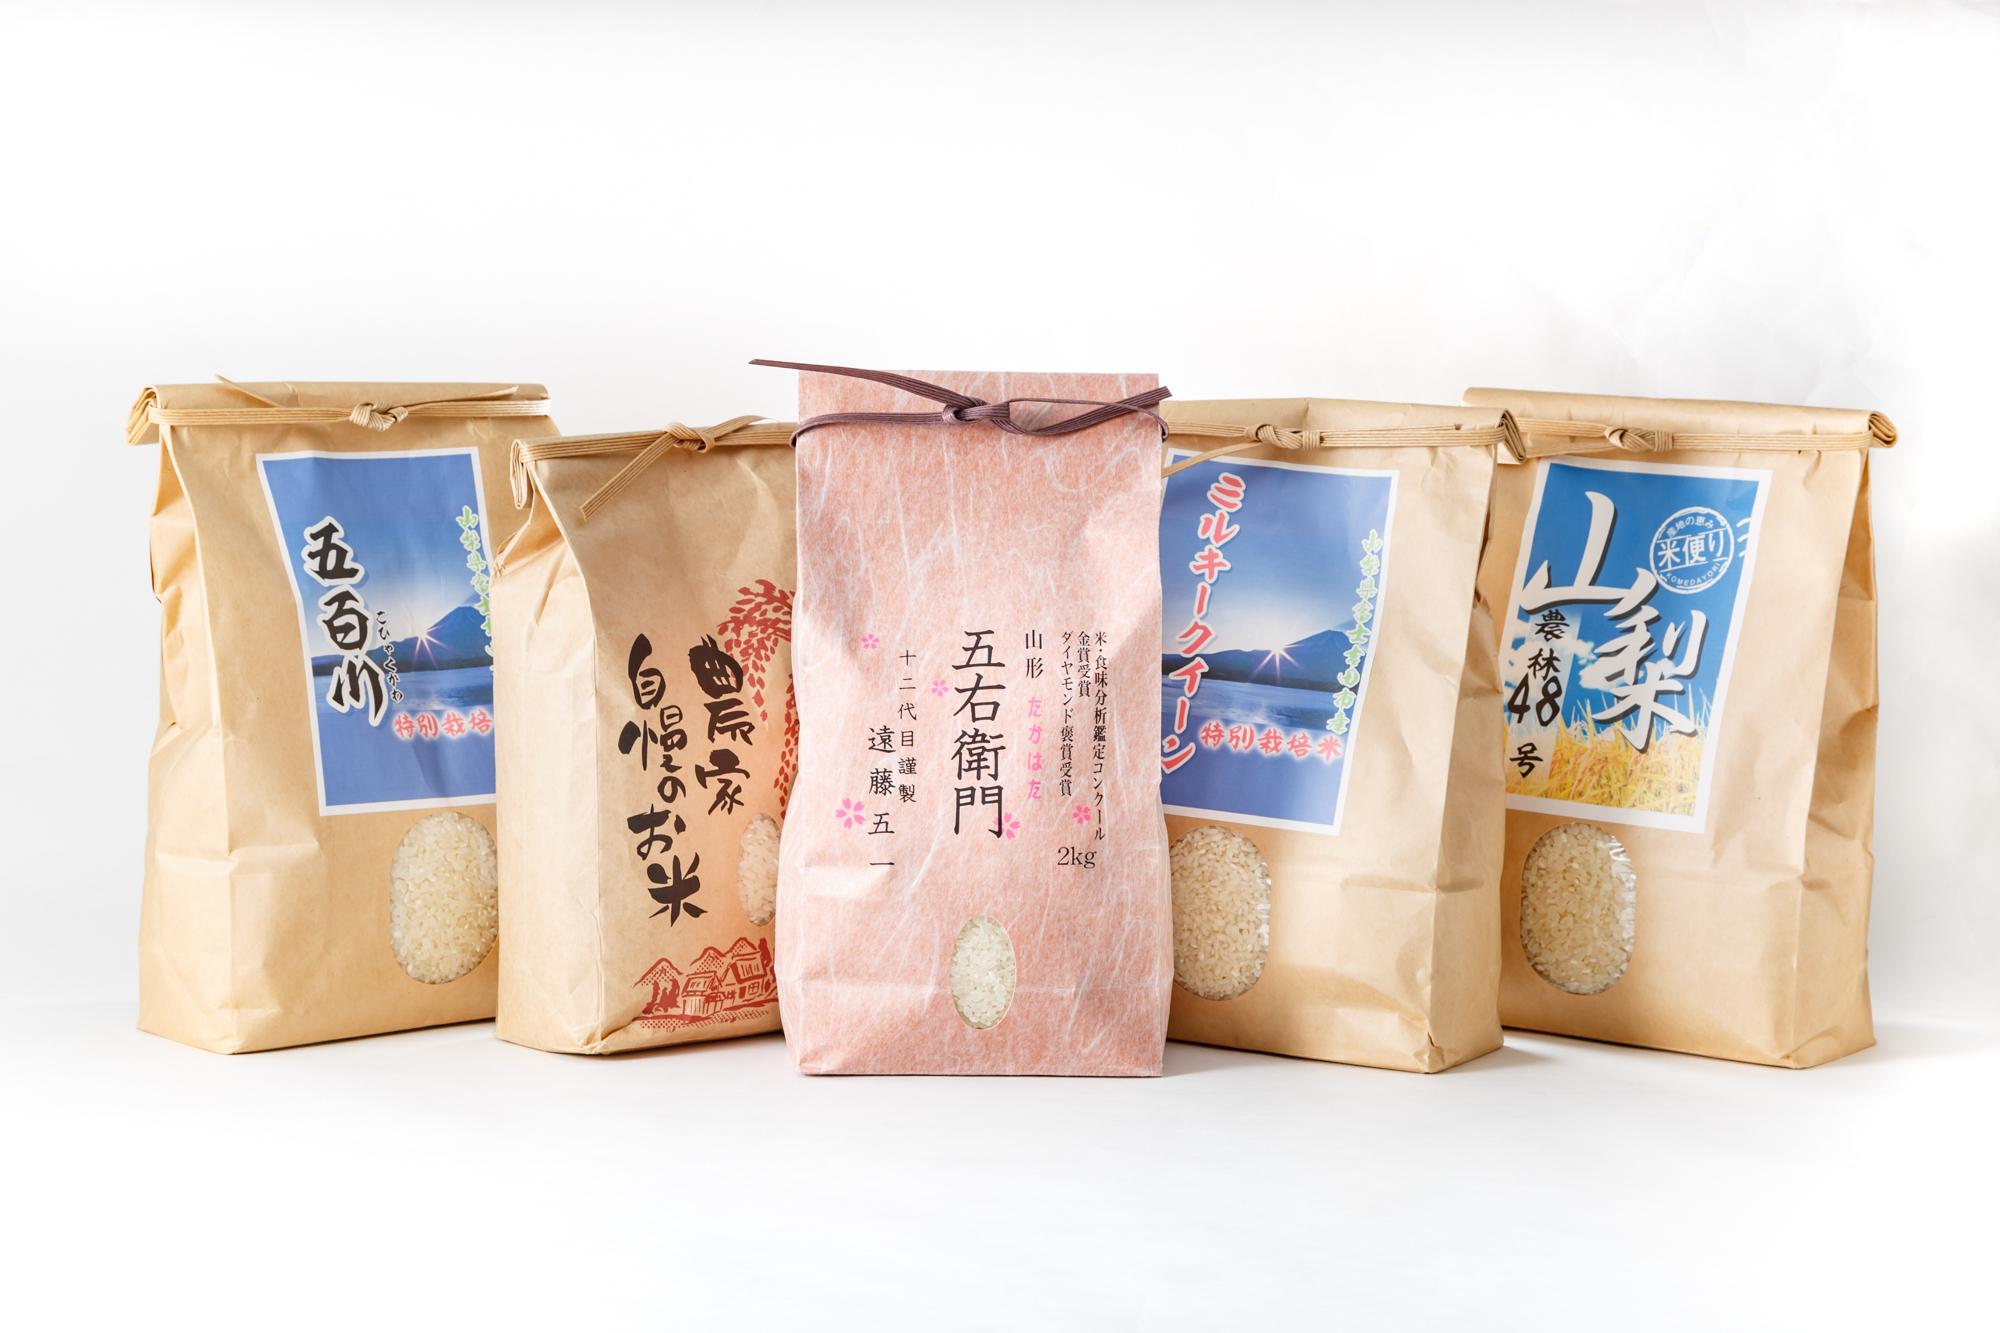 【天日干し無農薬コシヒカリ】日本一の米を作る遠藤五一さん栽培 2kg